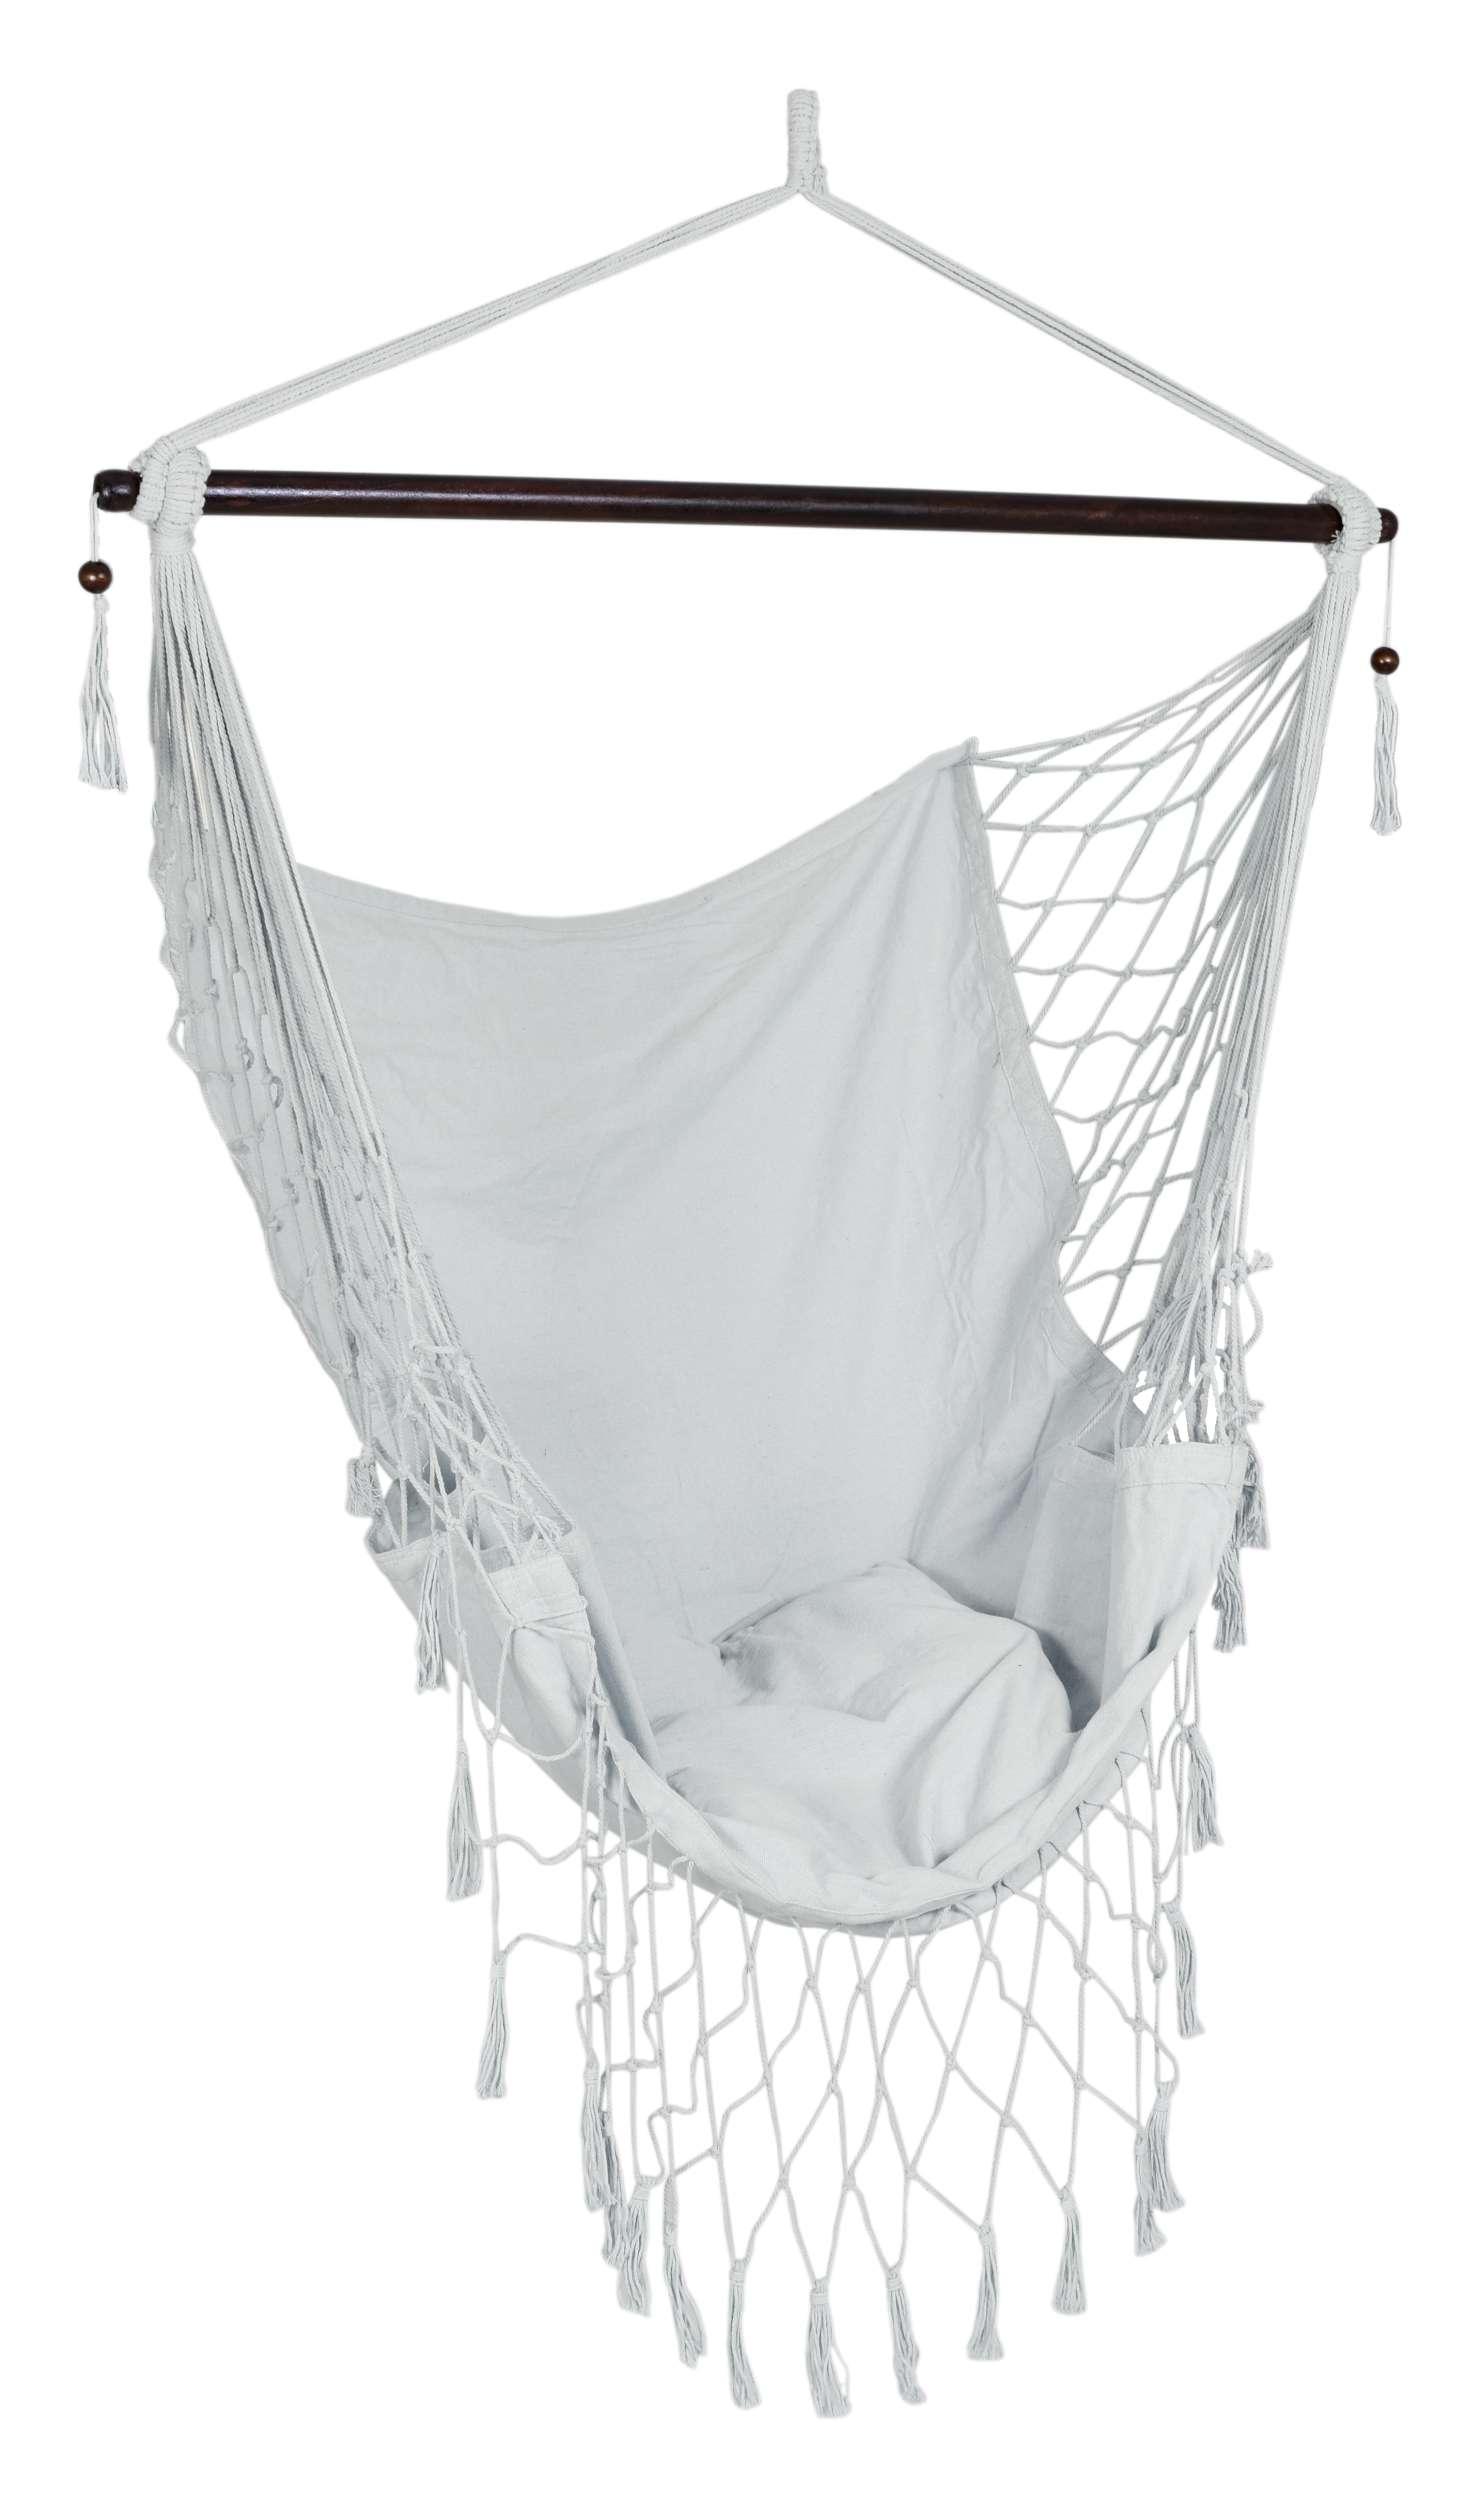 Krzesło brazylijskie wiszące bahio